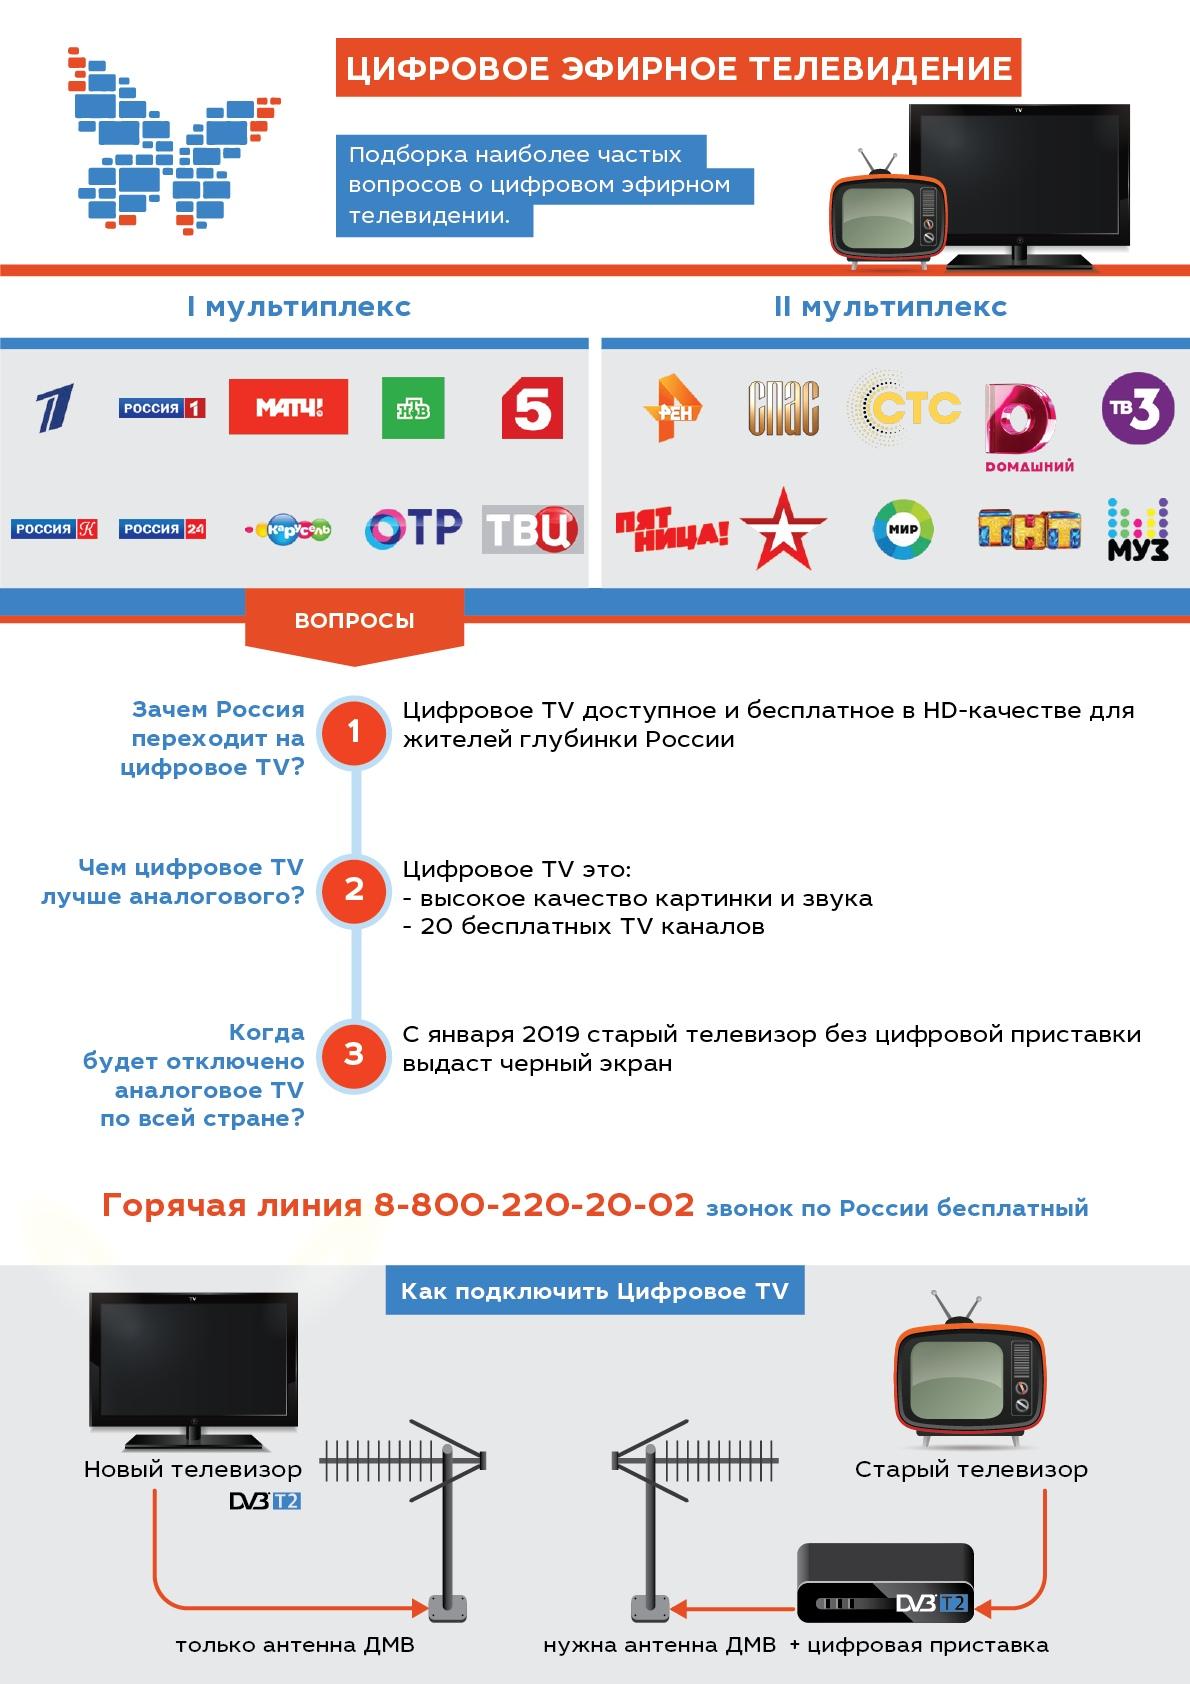 С января 2019 будет отключена аналоговая трансляция по территории Республики Коми.